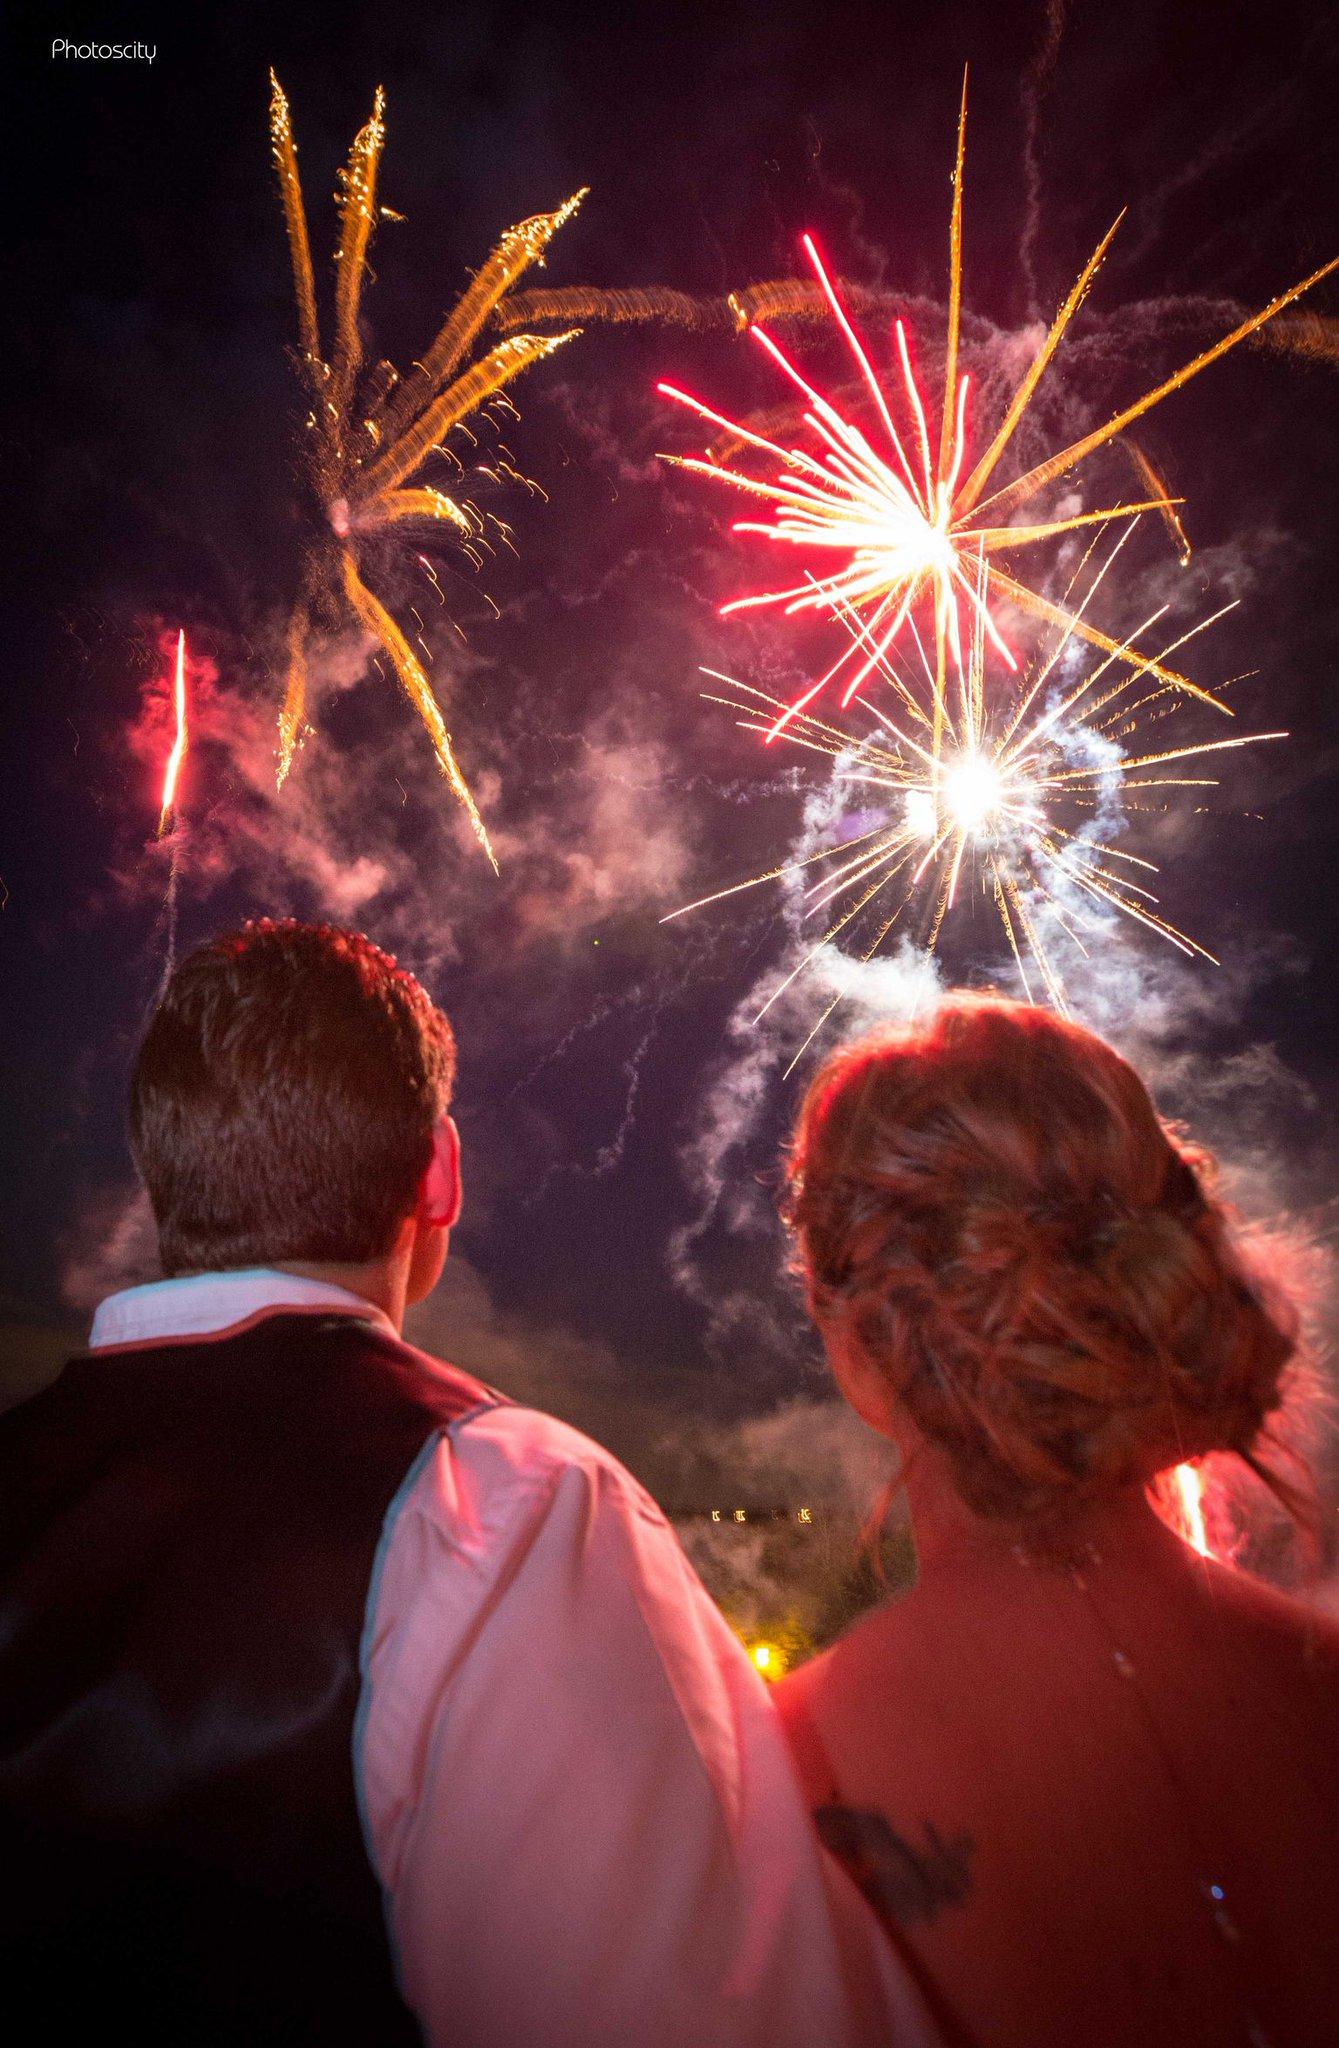 chteau dauvers on twitter votre mariage vos communions baptmes anniversaires au chteau dauvers sur oise httpstcozxc7bq7lhs - Chateau D Auvers Mariage